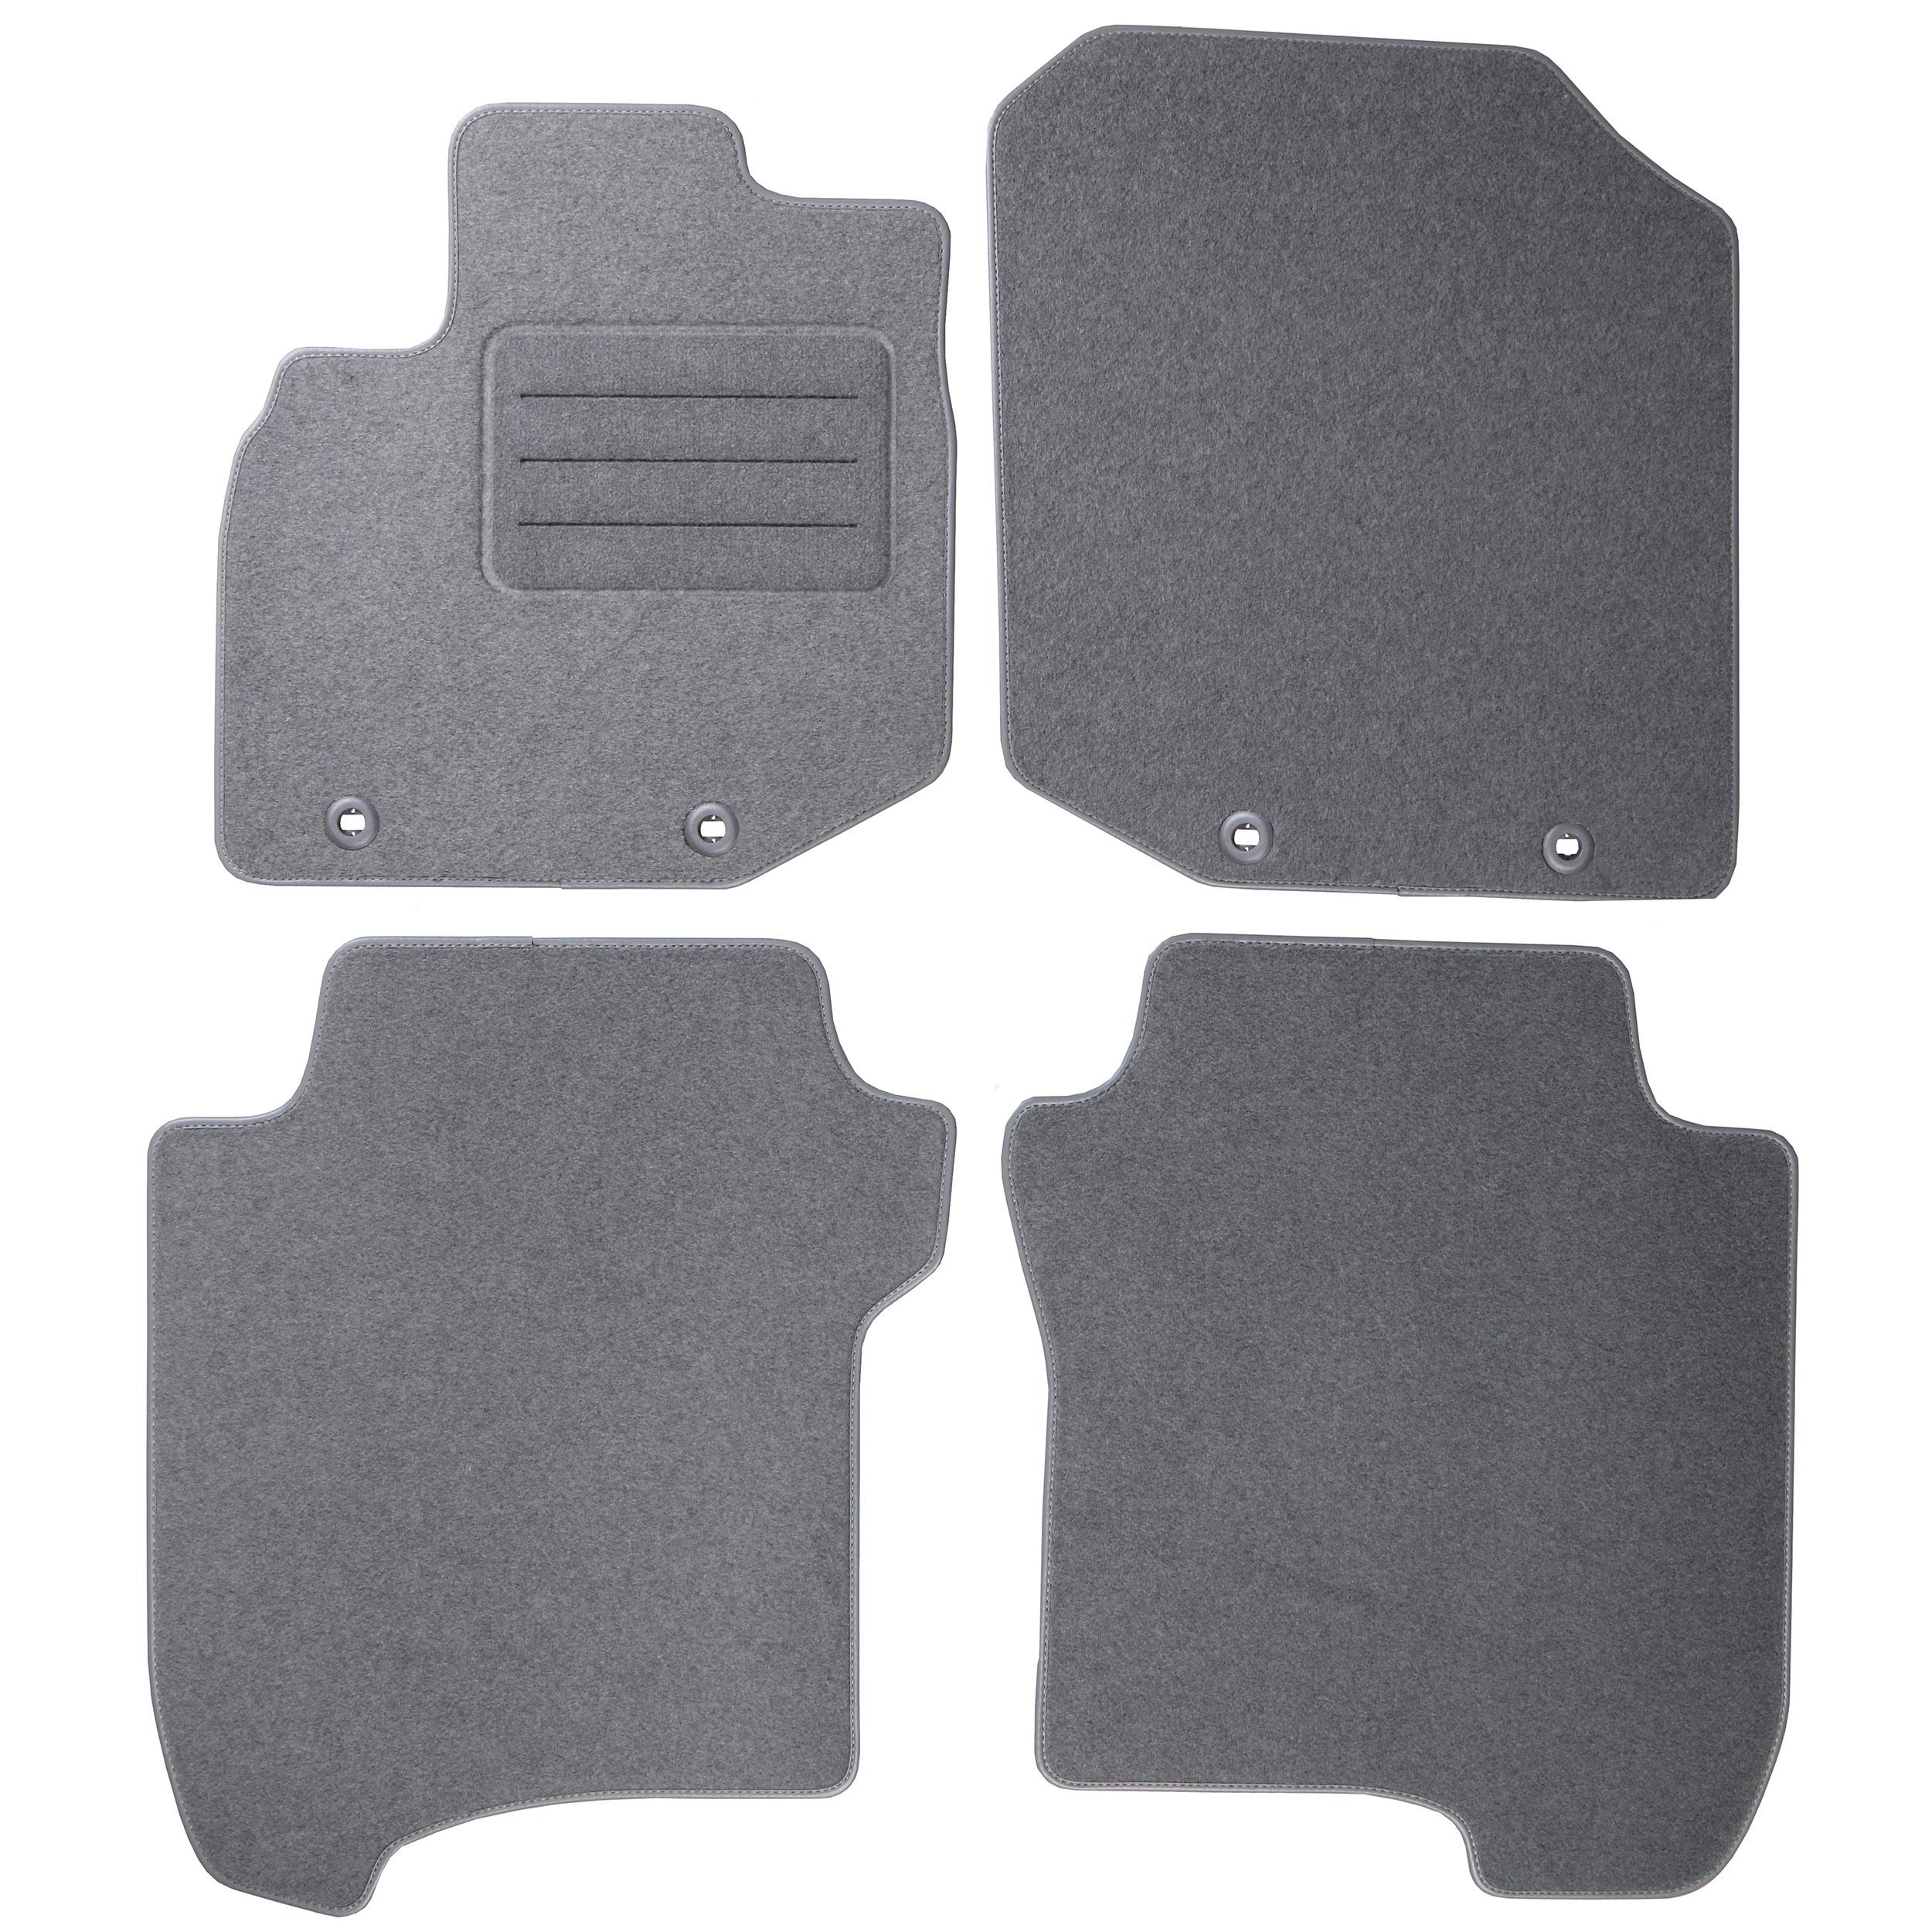 2008-2014 Automatten für Honda Jazz 3 III  Fußmatten Autoteppiche Bj